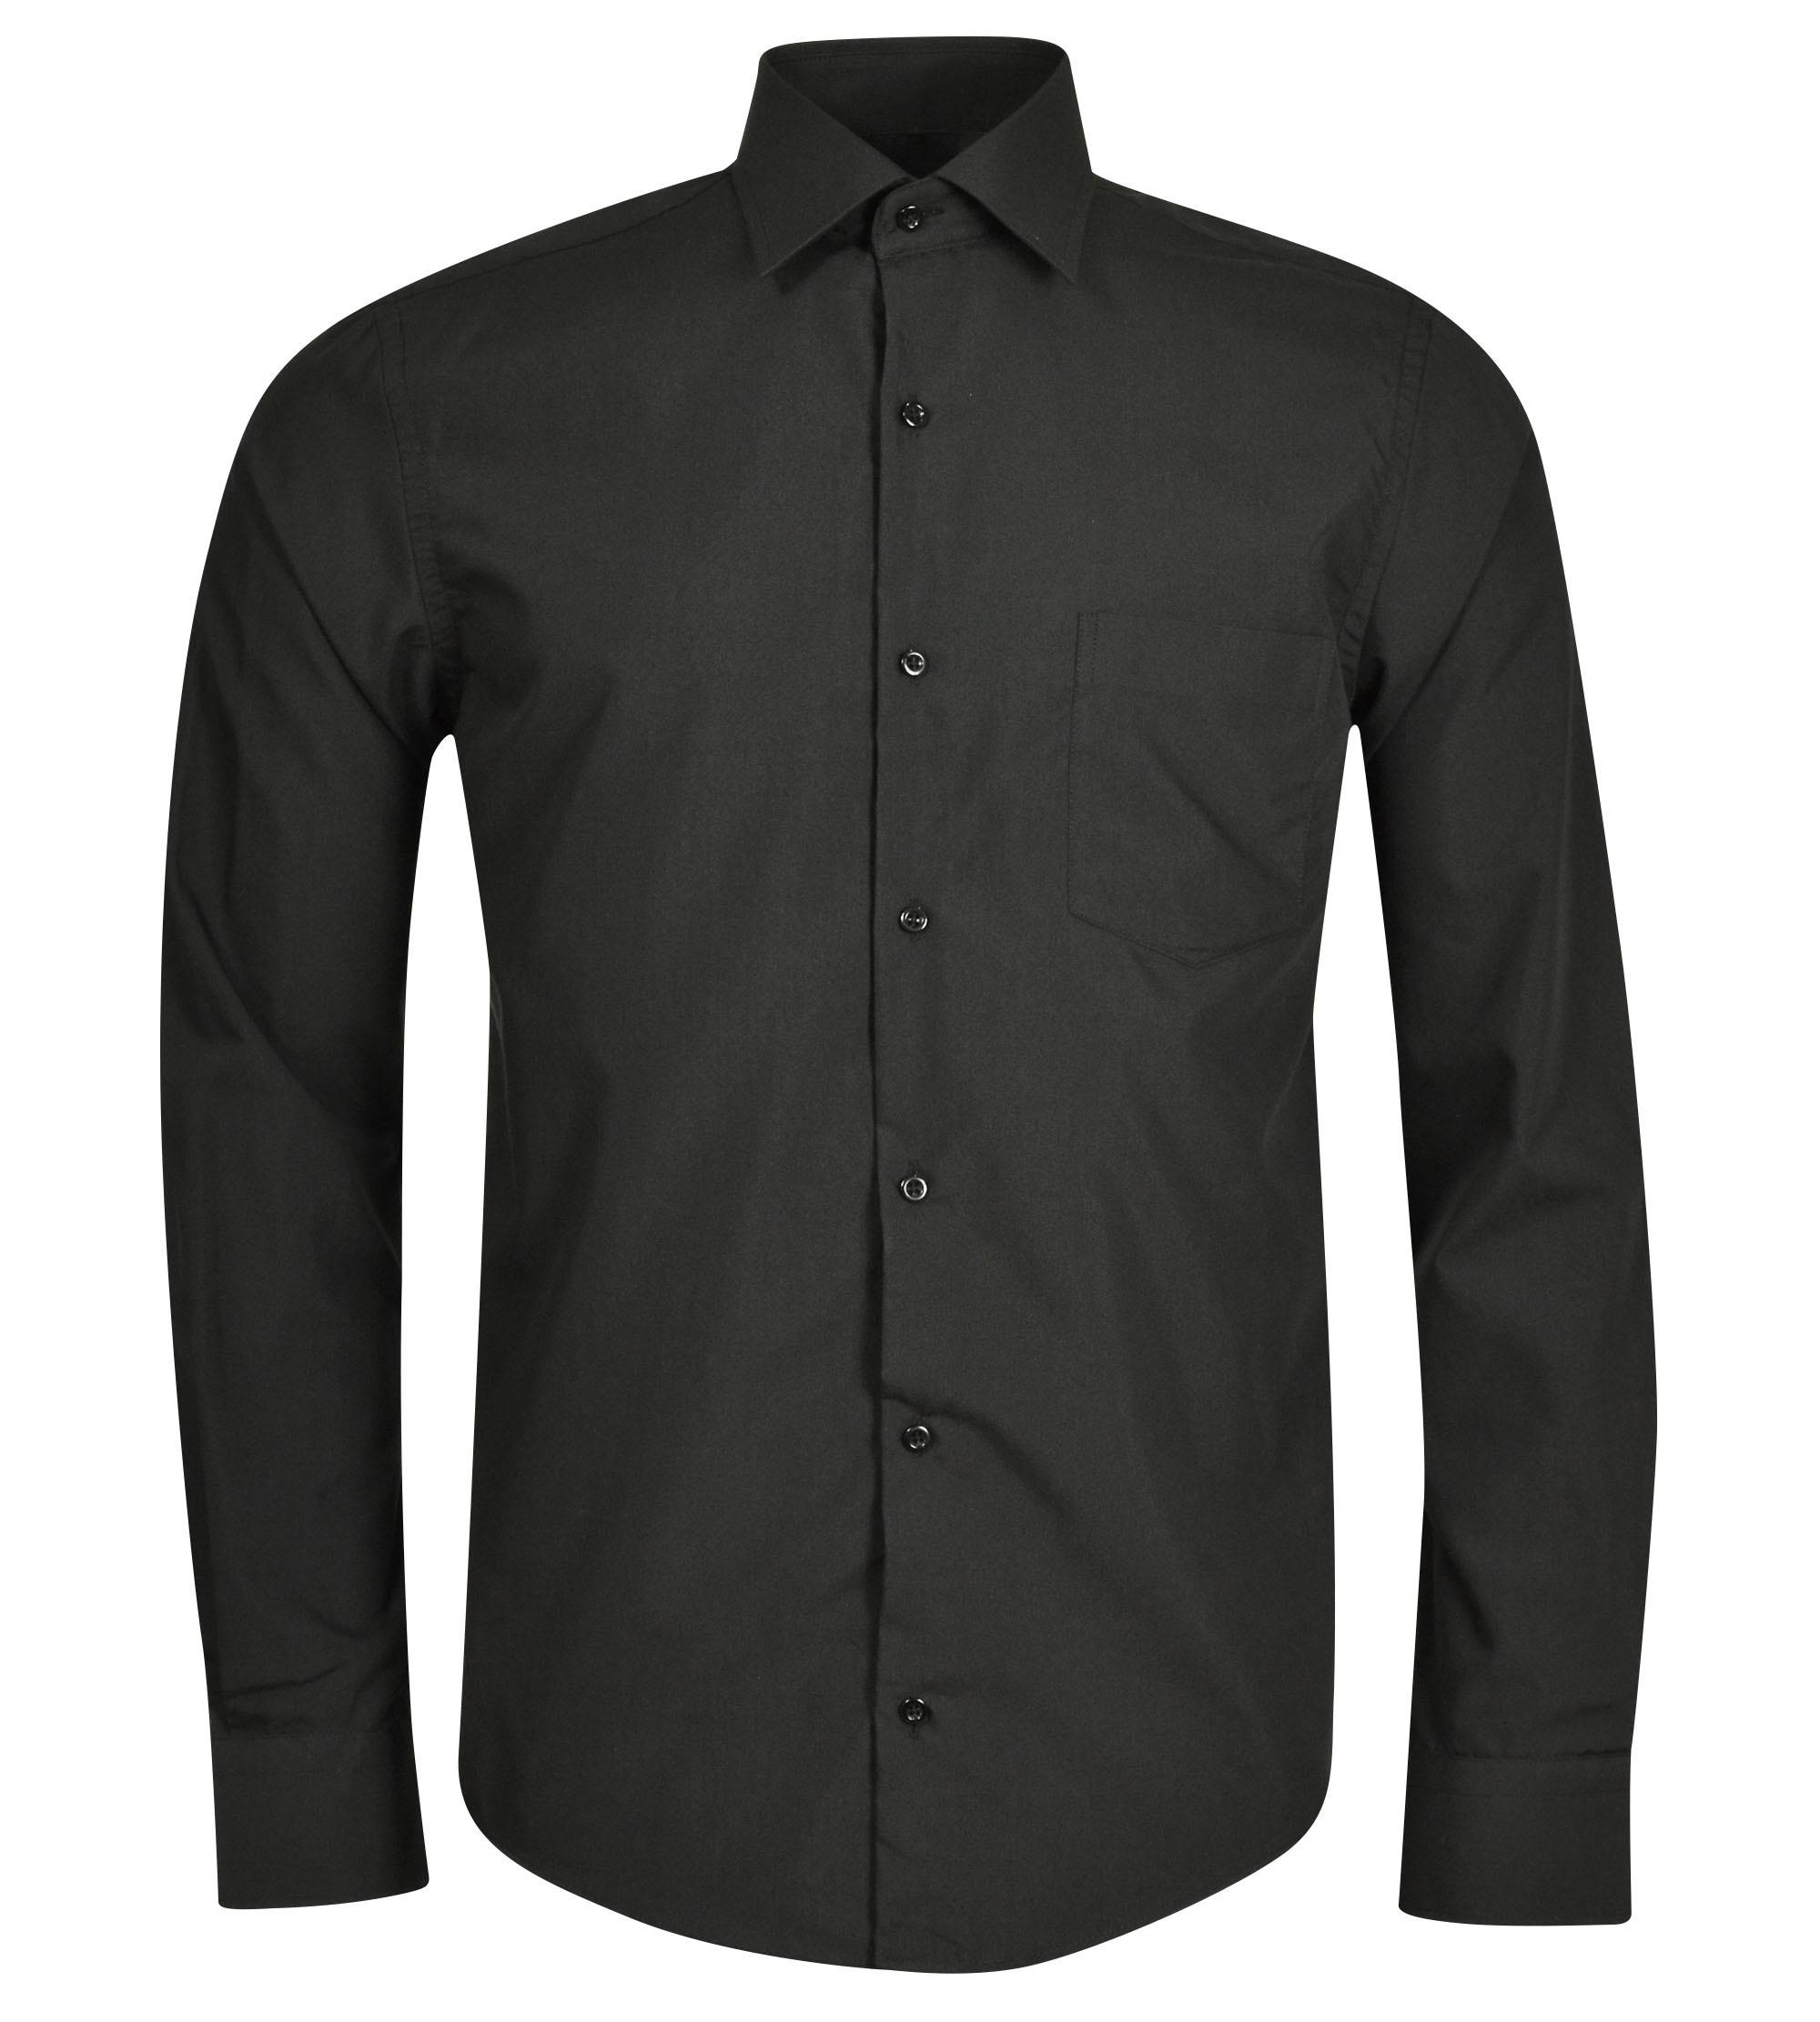 Ανδρικό πουκάμισο Dash Dot. 6100 - Glami.gr 30a099a44bb